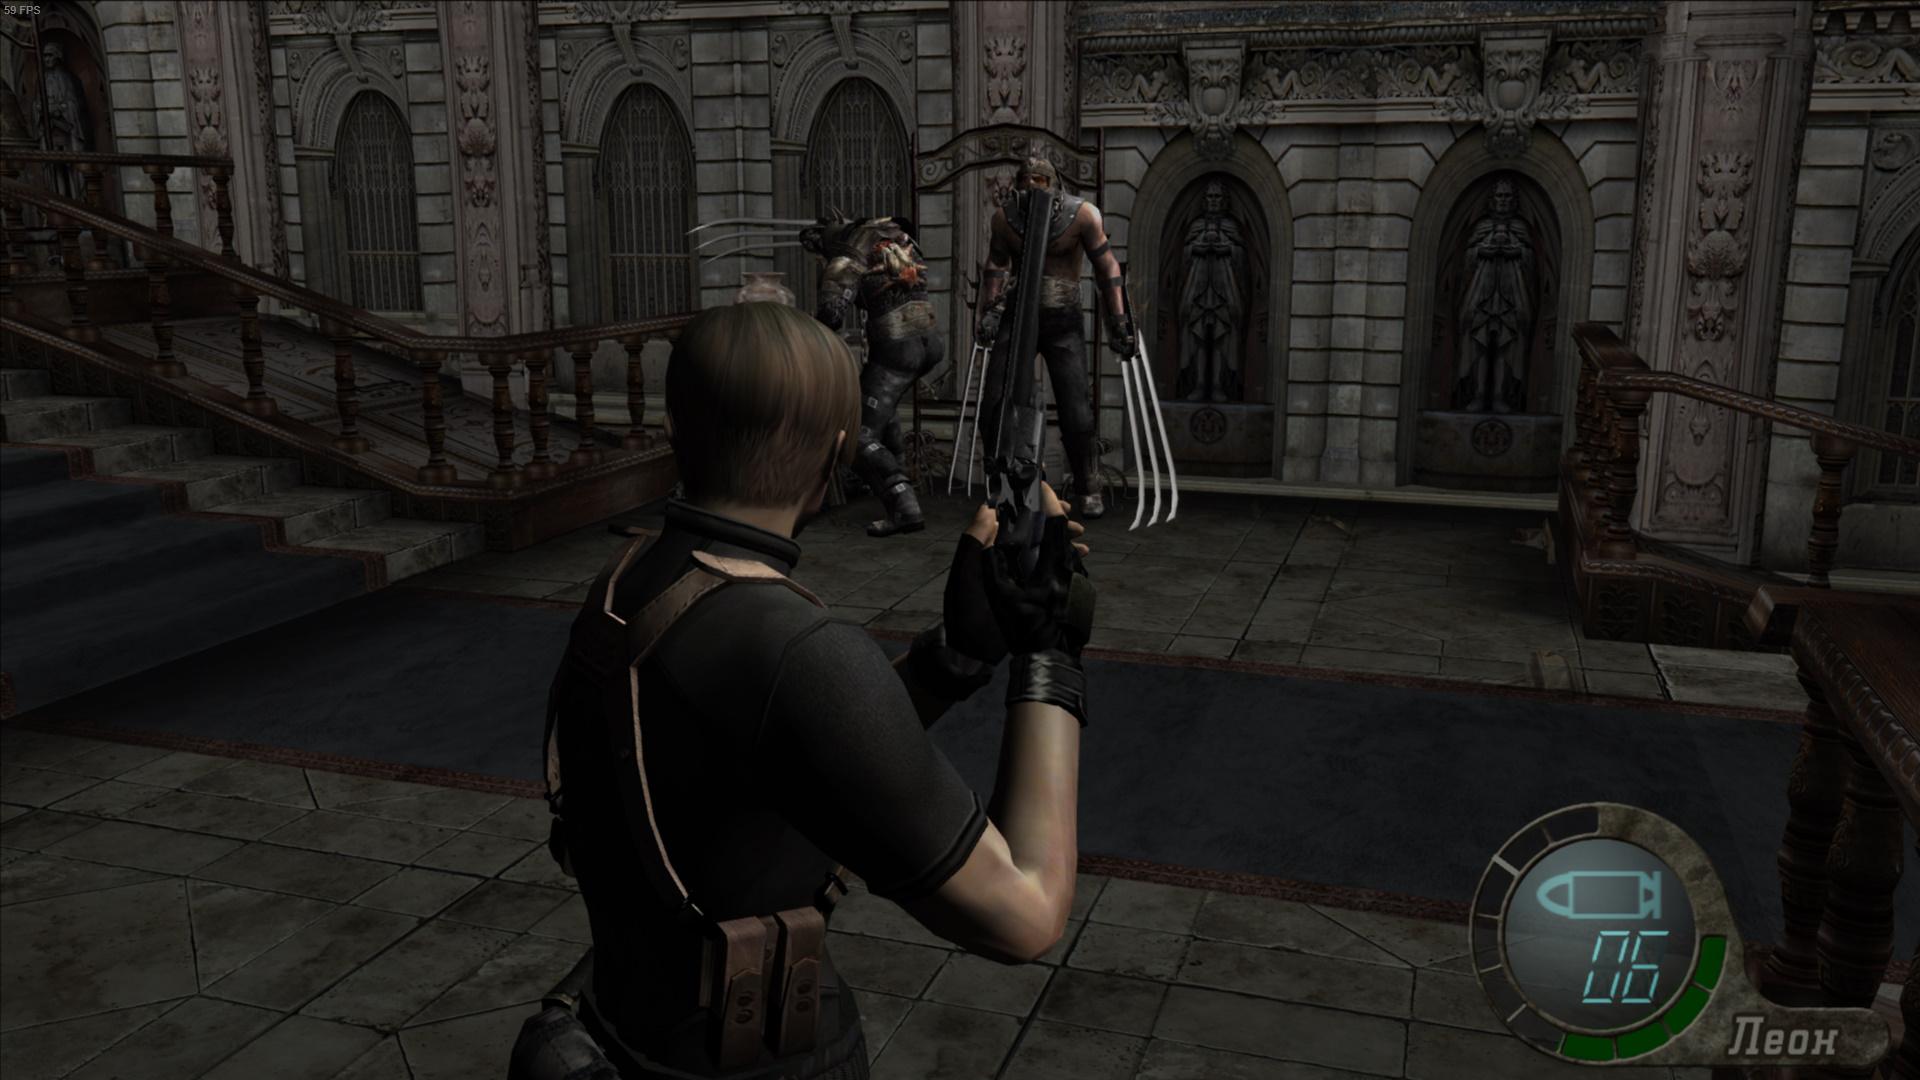 bio4 2018-11-16 21-31-22-954.jpg - Resident Evil 4